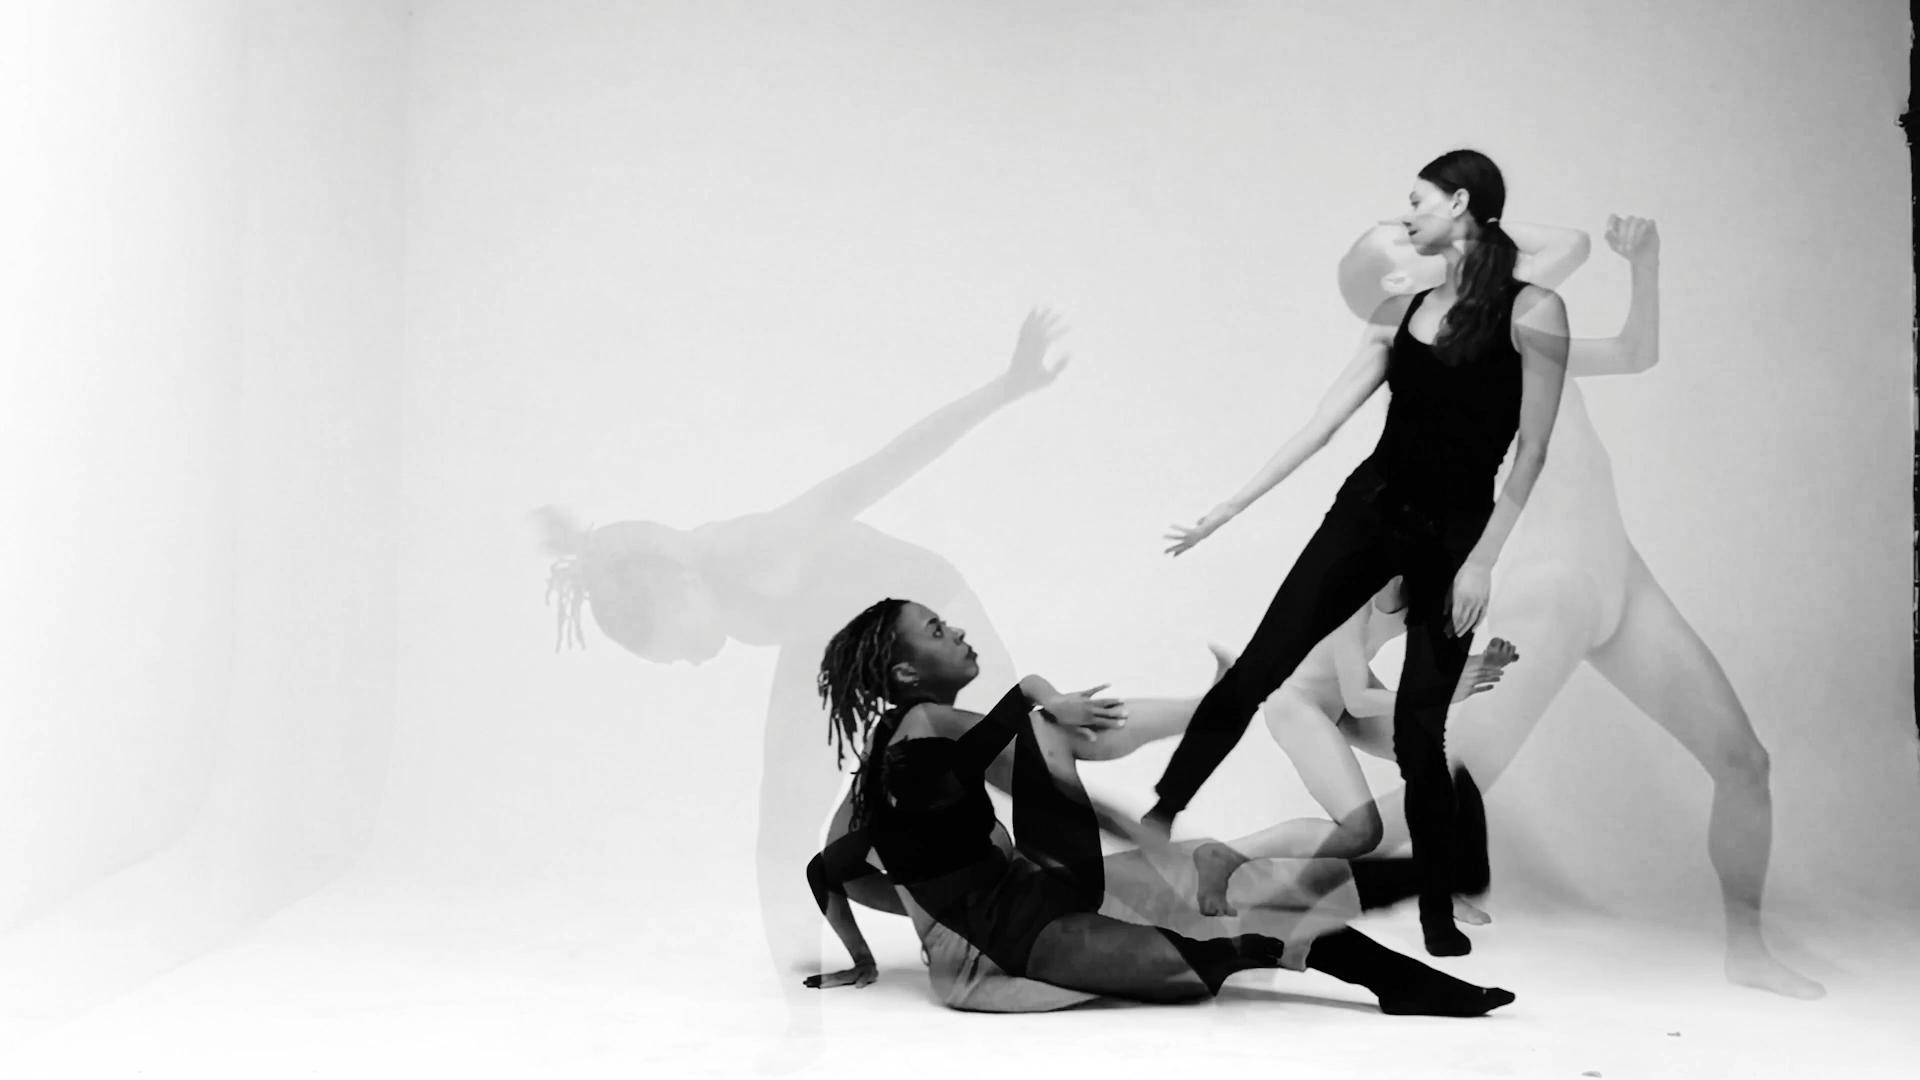 dance_bw_V2F_2019-06-14_09-48-29_400.png